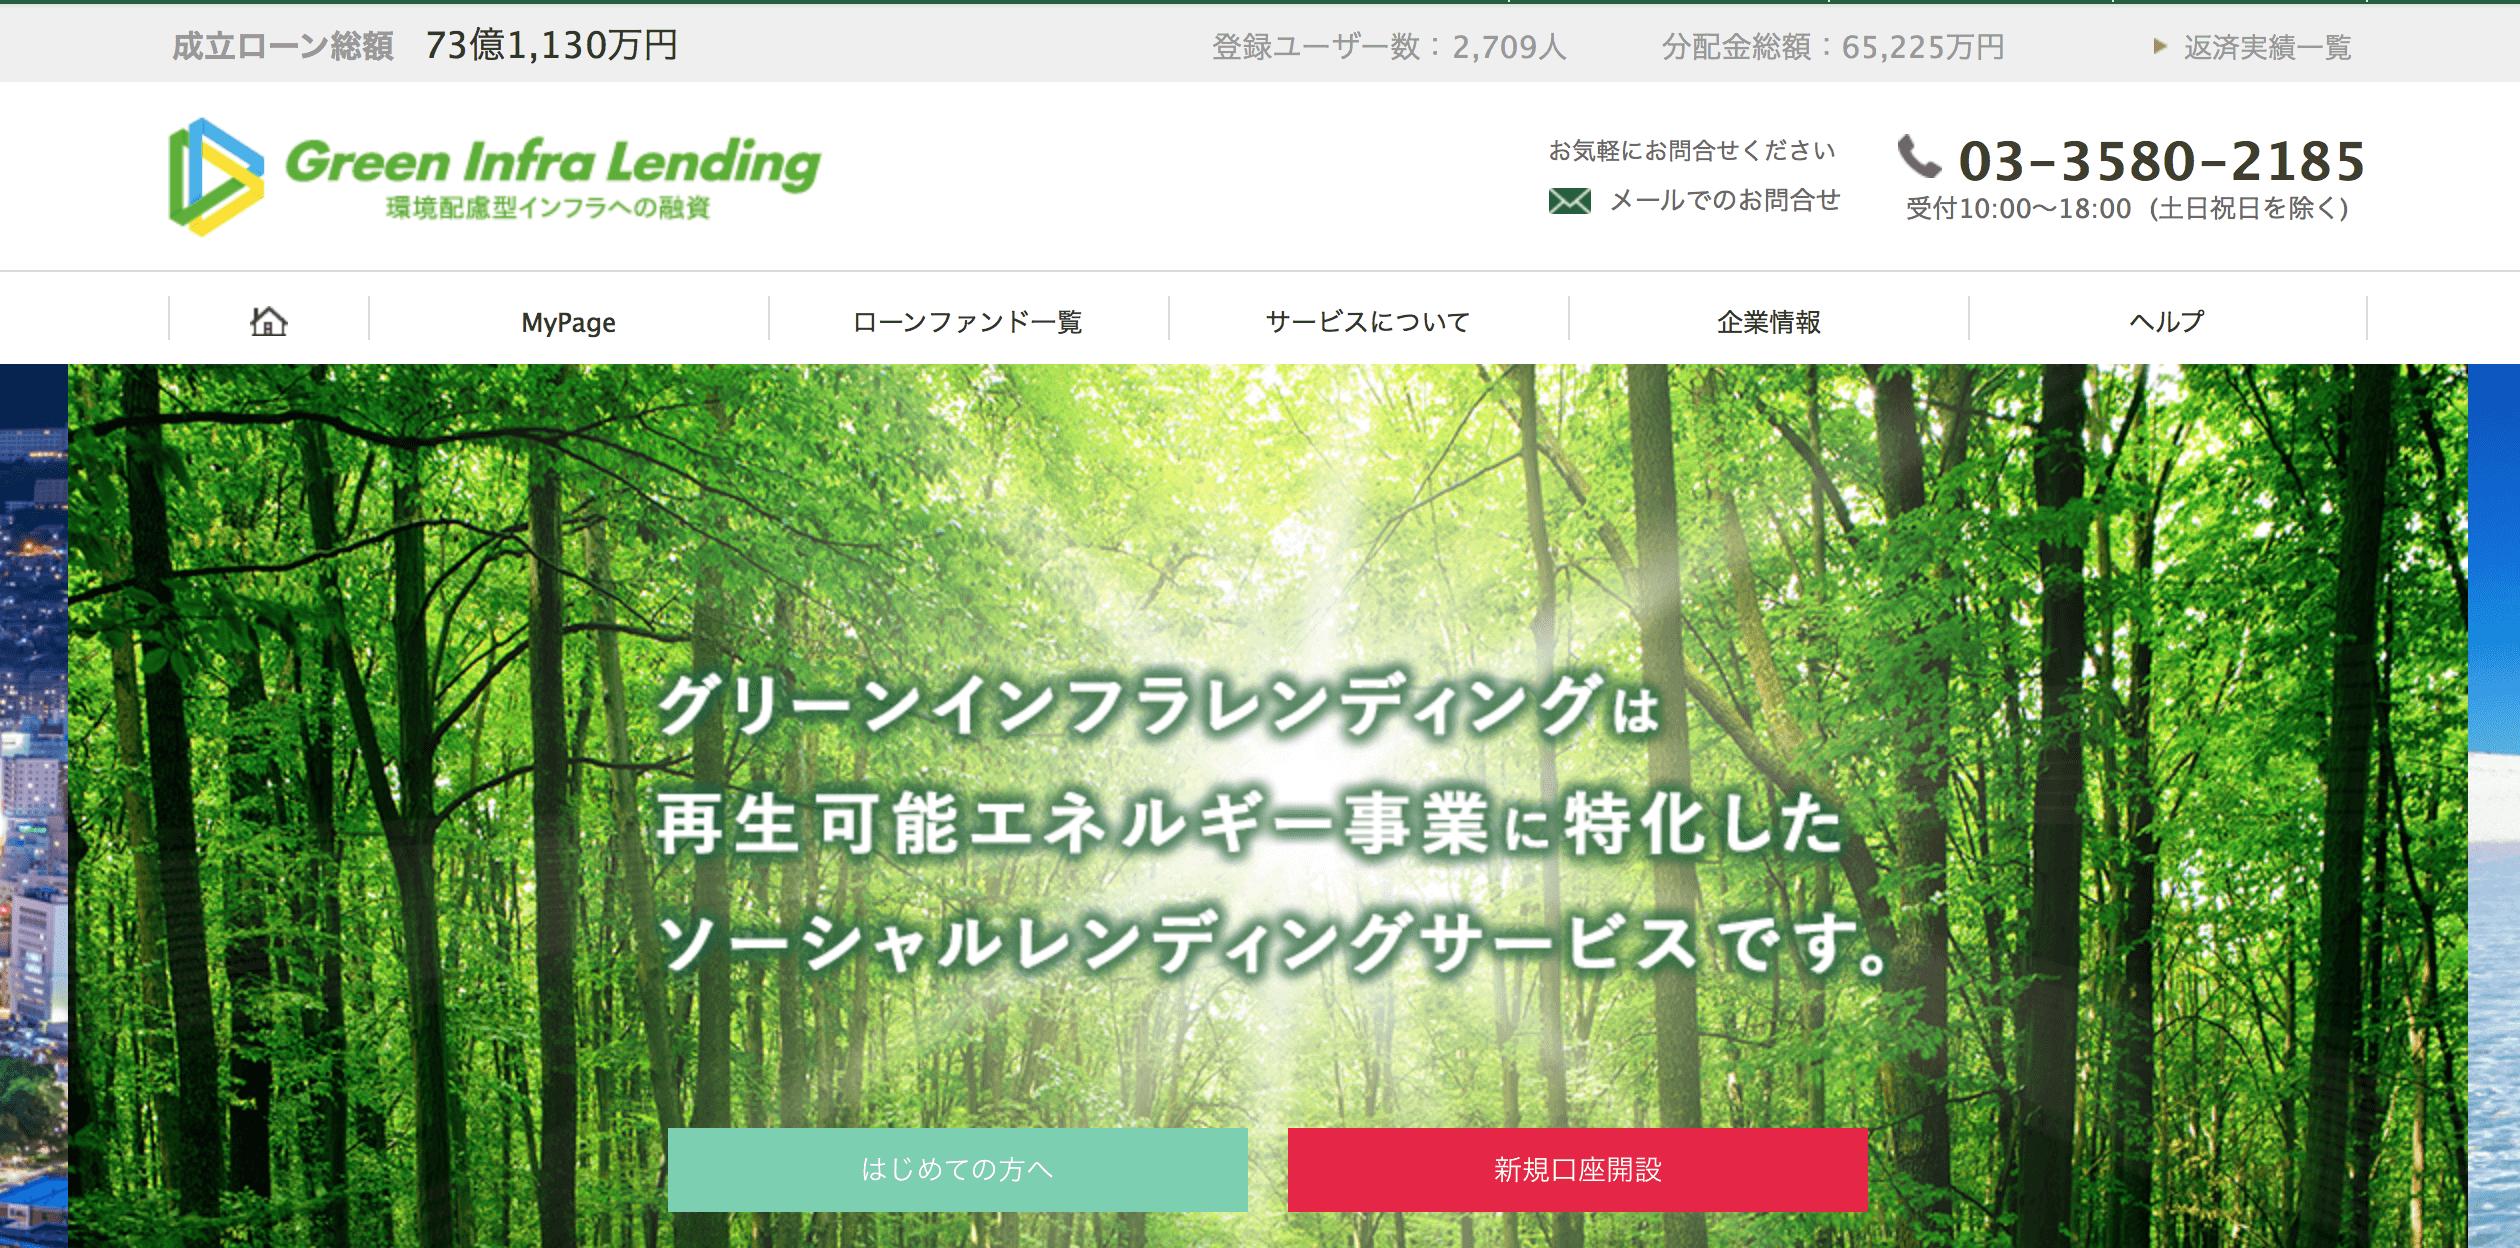 グリーンインフラレンディングの公式ページ